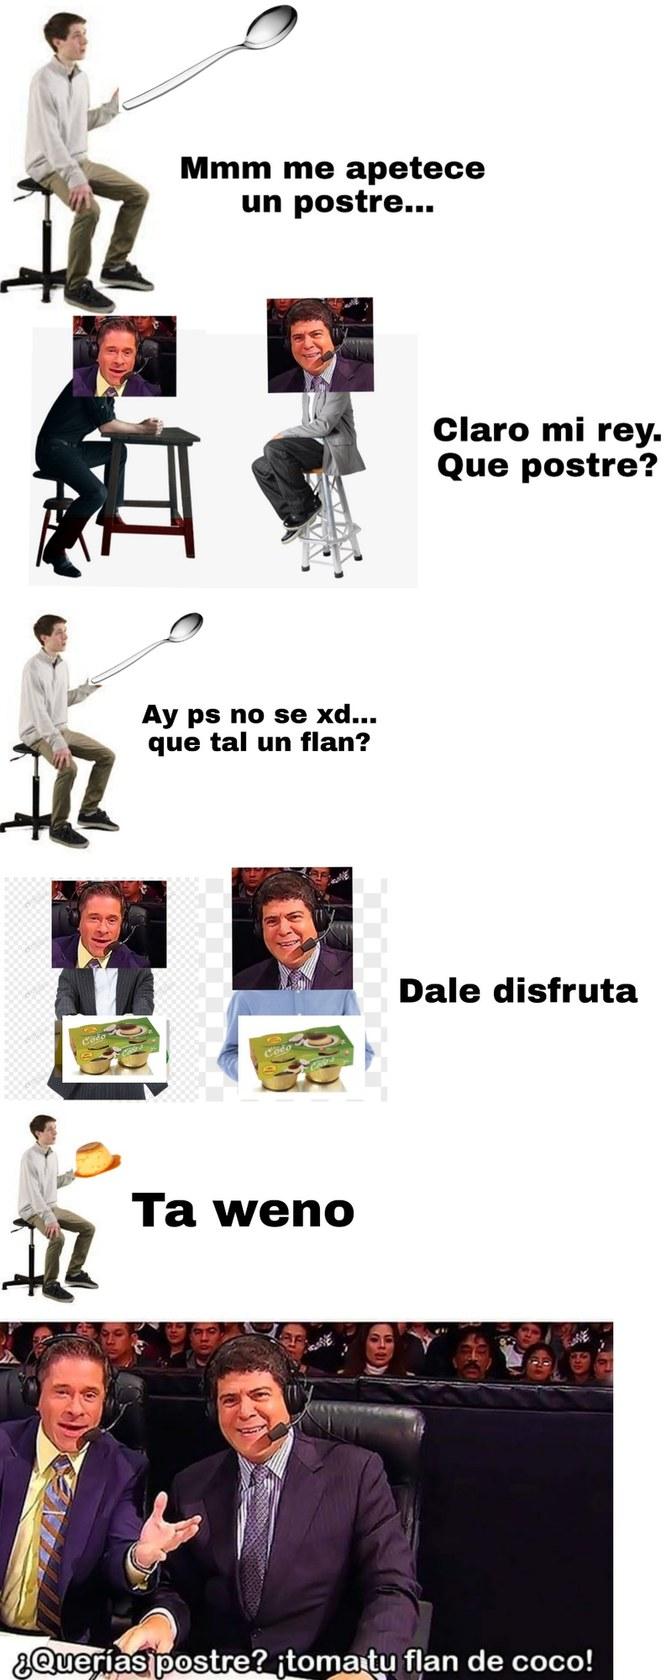 alto flan - meme